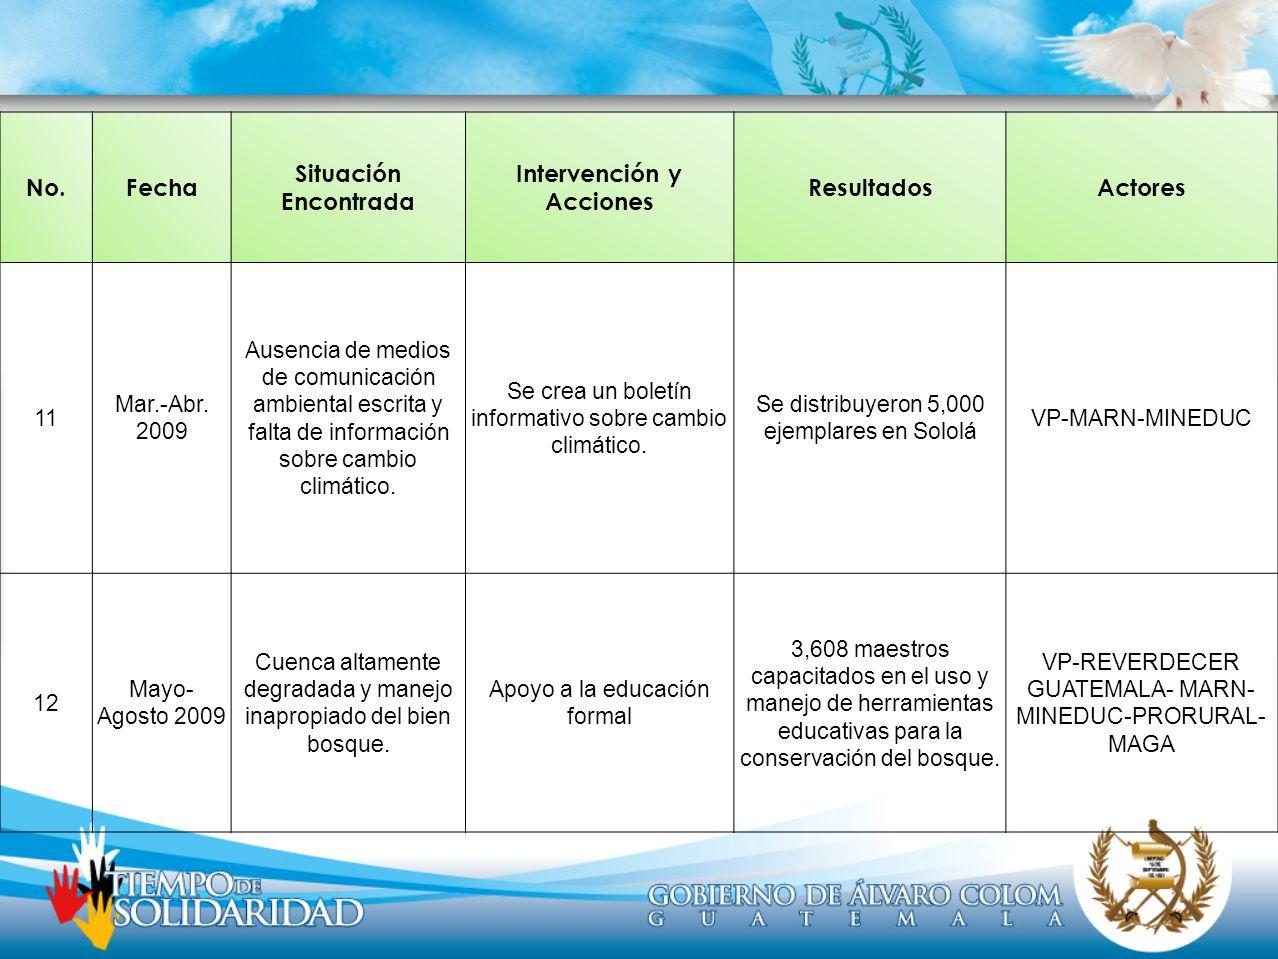 No.Fecha Situación Encontrada Intervención y Acciones ResultadosActores 11 Mar.-Abr. 2009 Ausencia de medios de comunicación ambiental escrita y falta